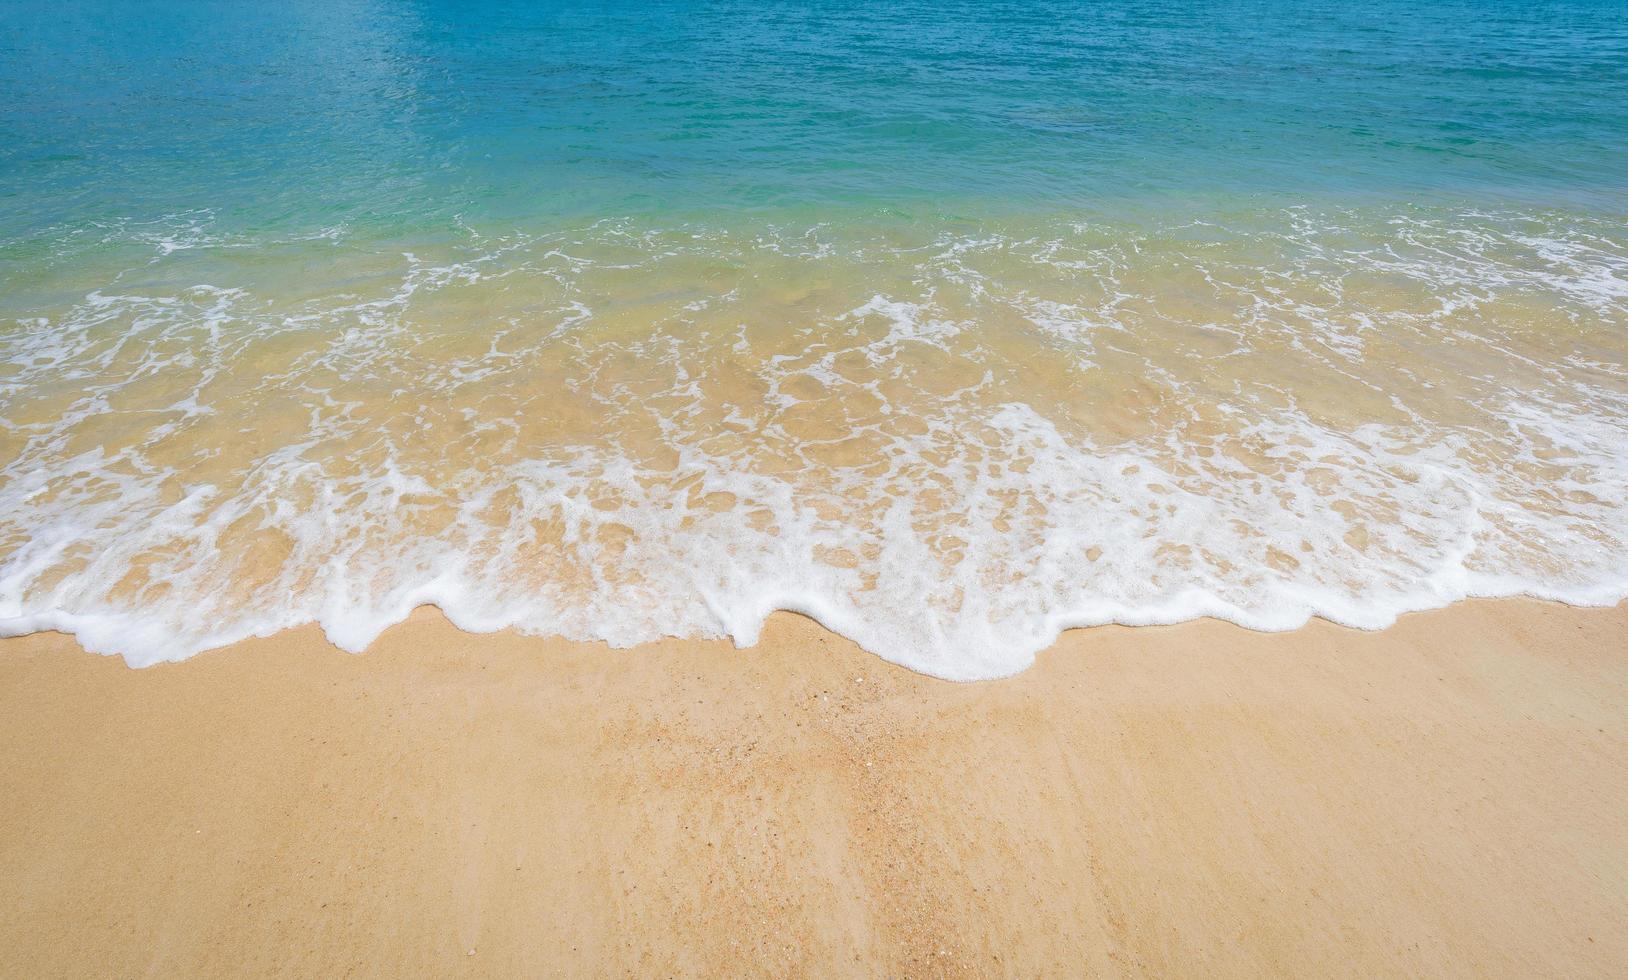 Waves washing up on beach photo